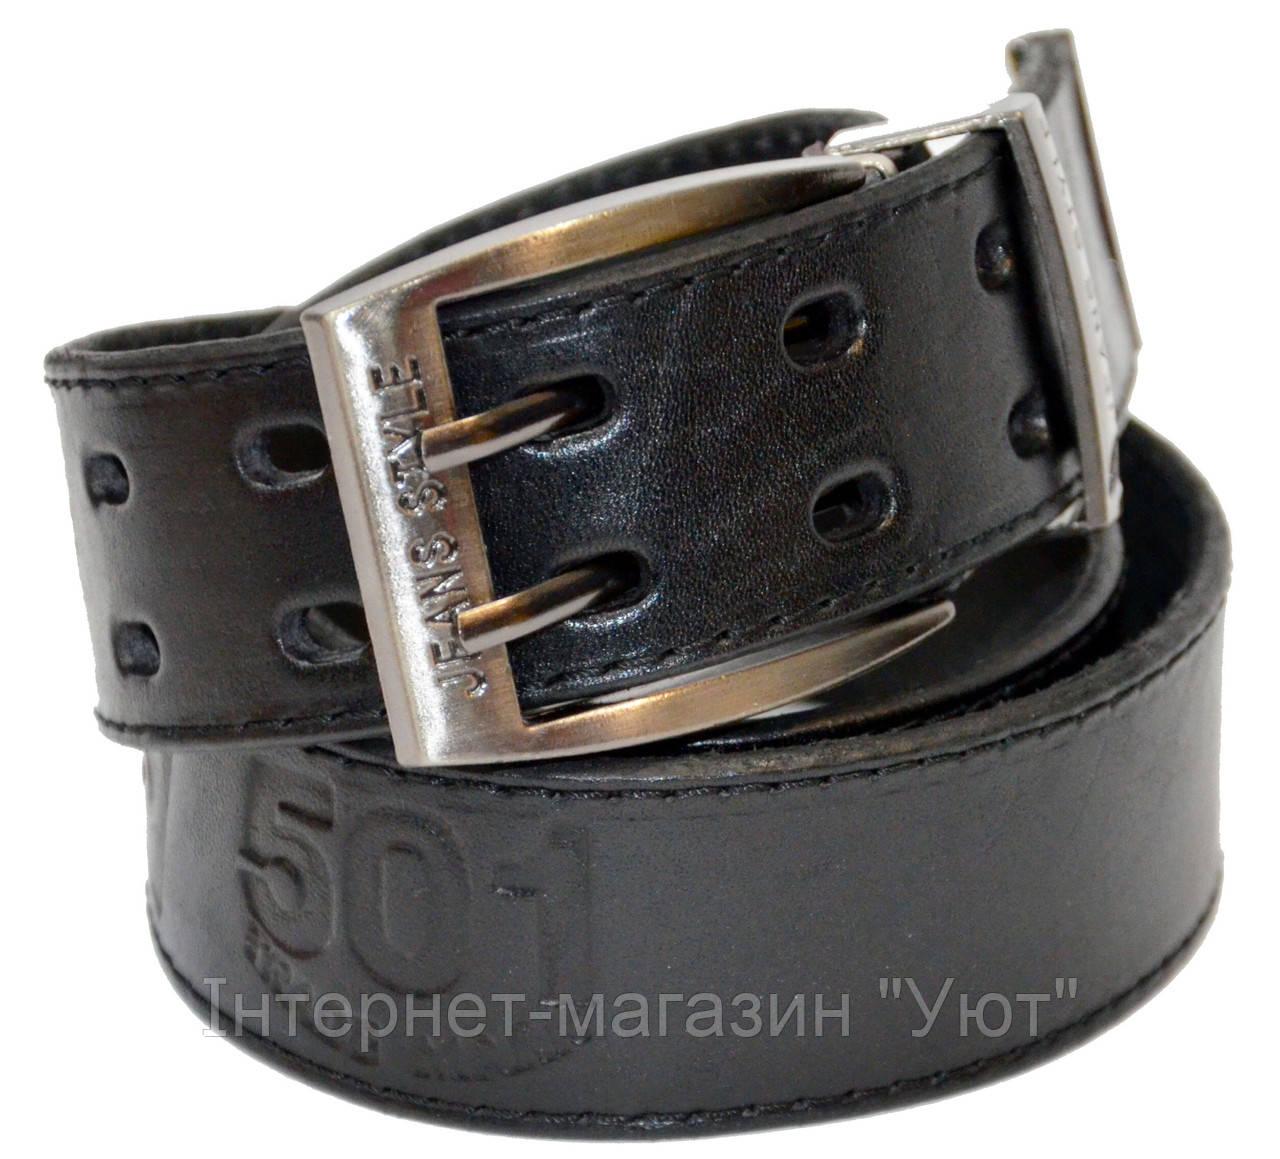 Двухшпеньковый ремень для джинс мужской ремень prada